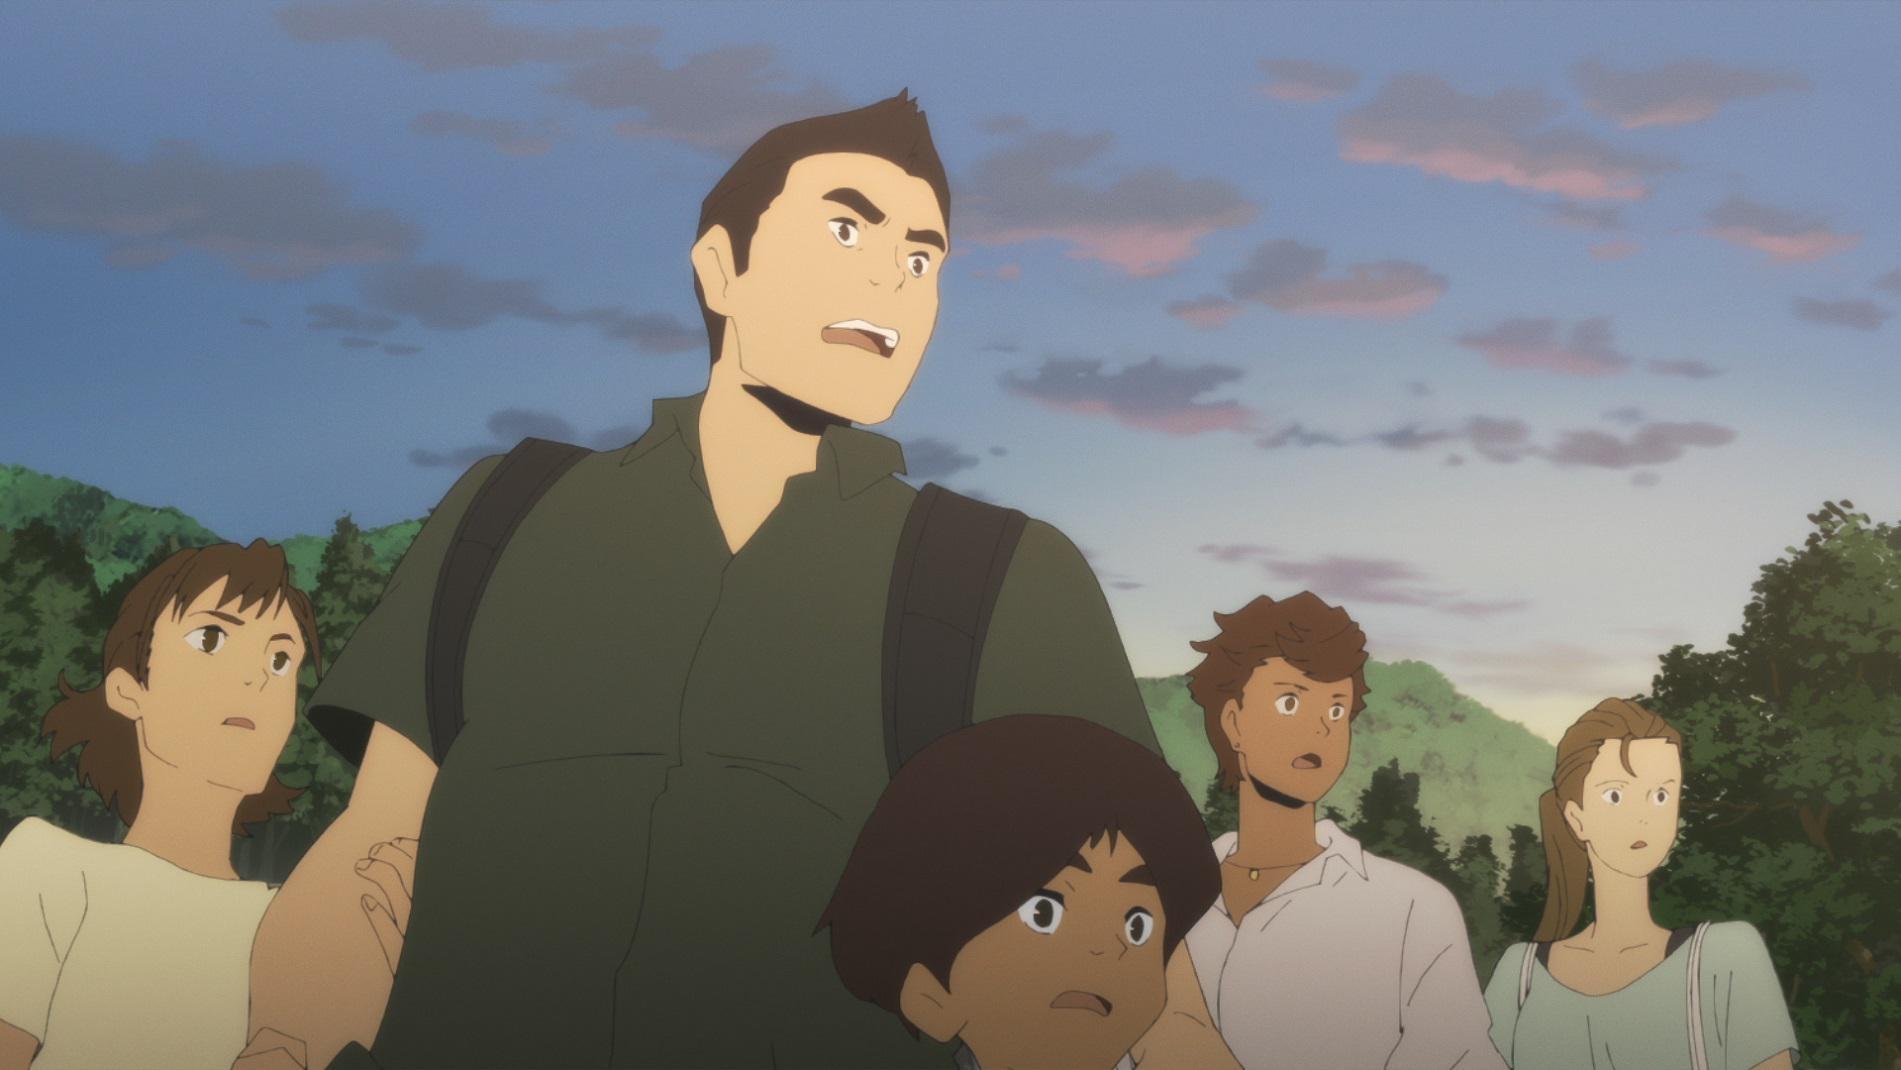 【写真を見る】「日本沈没2020」大地震が起こった日本列島から脱出を試みる家族の姿を描く